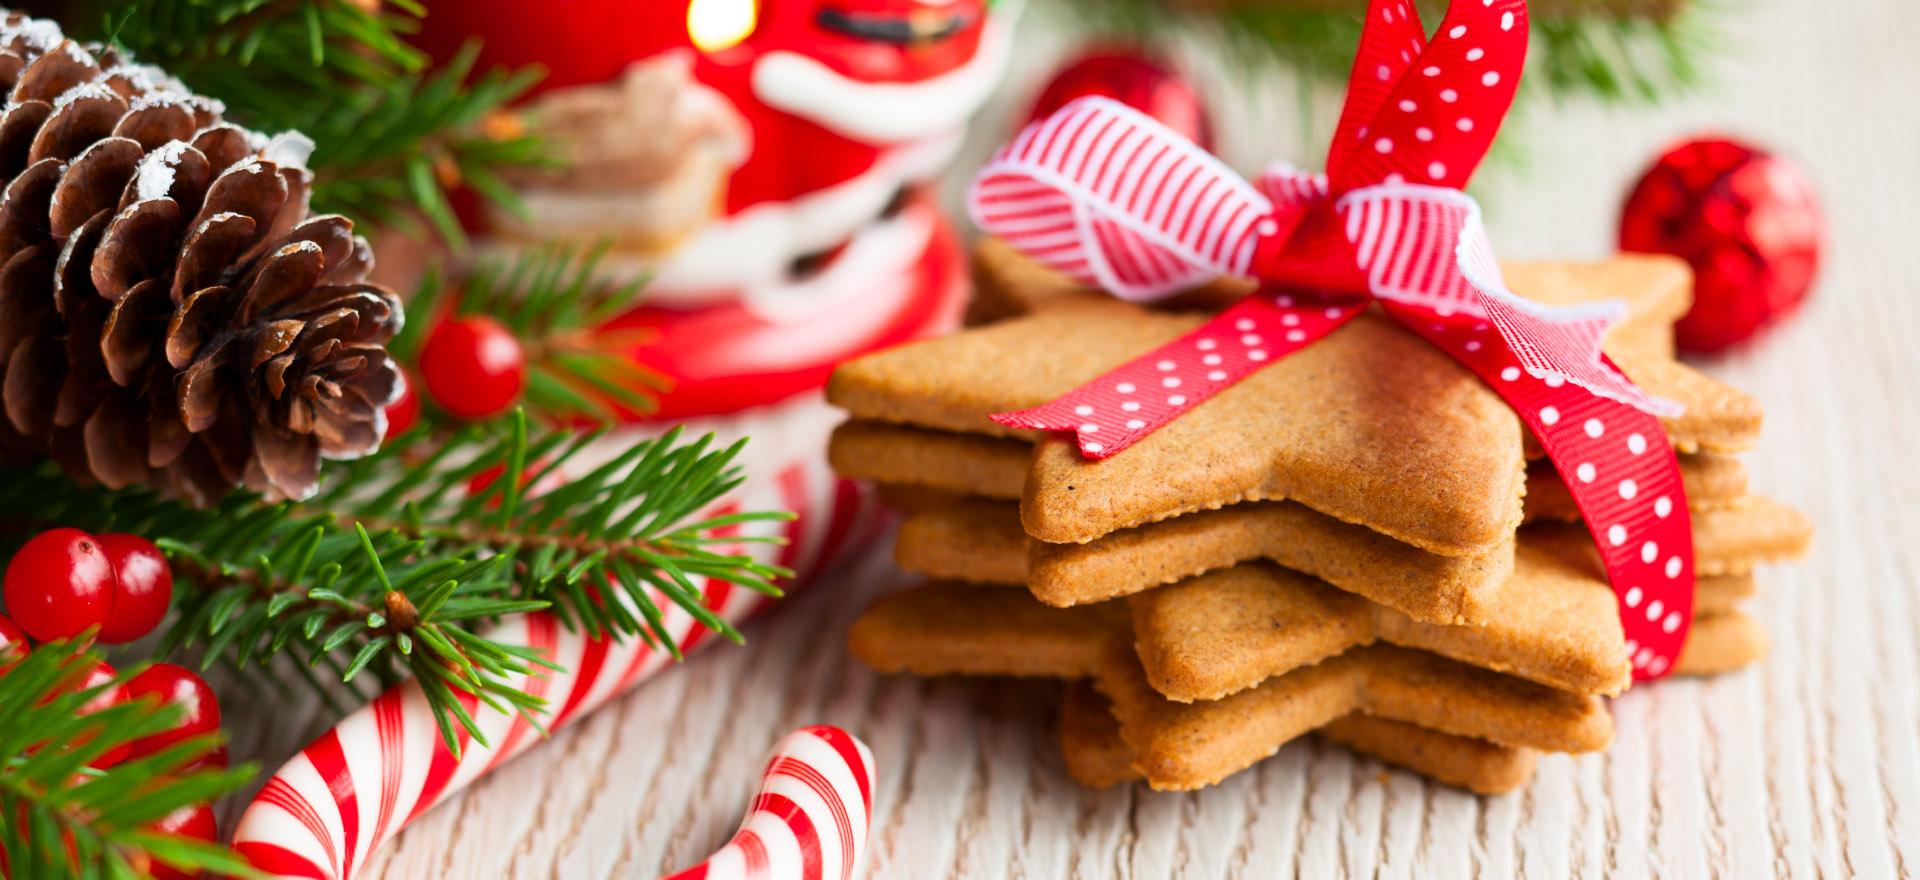 biscuits-de-noel-igadaigle-800